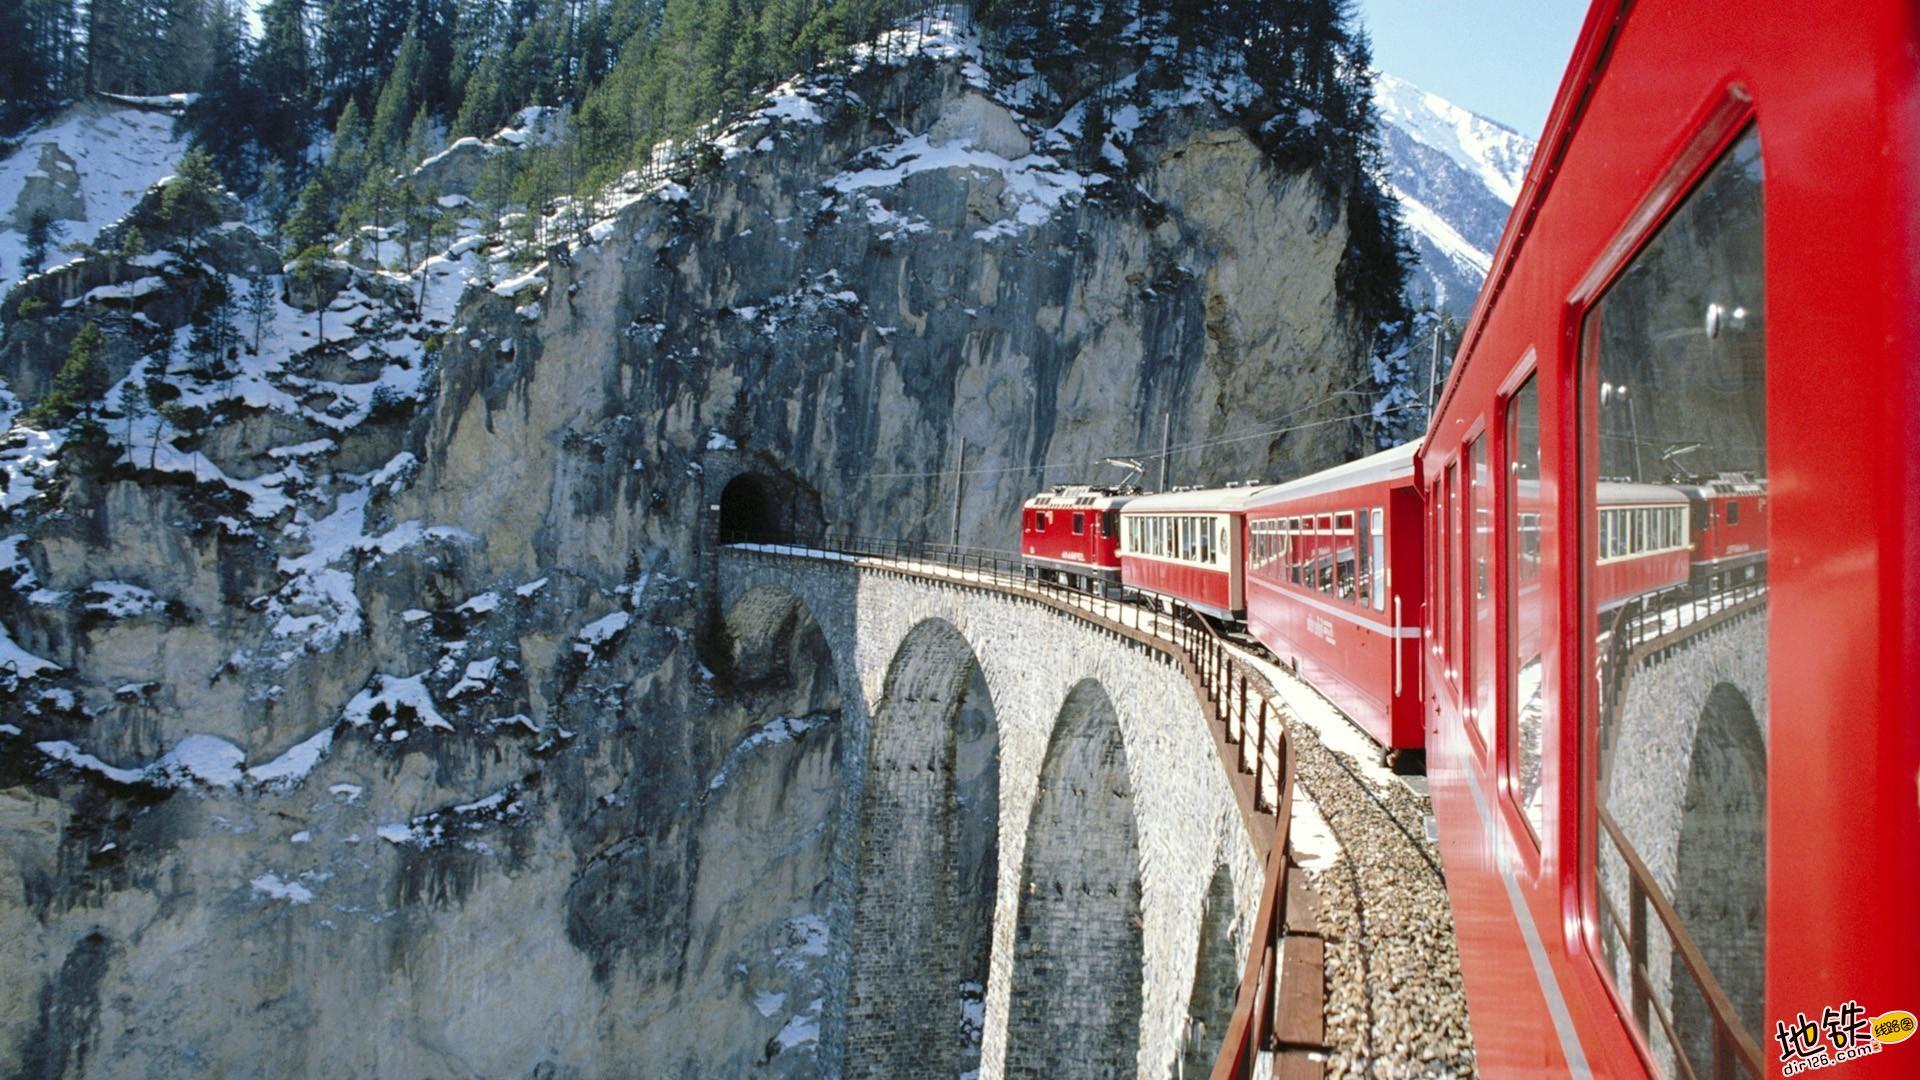 世界上最慢的火车:8小时行驶290公里,乘客却抱怨开太快 瑞士 冰川火车 全球 世界 最慢火车 轨道动态  第4张